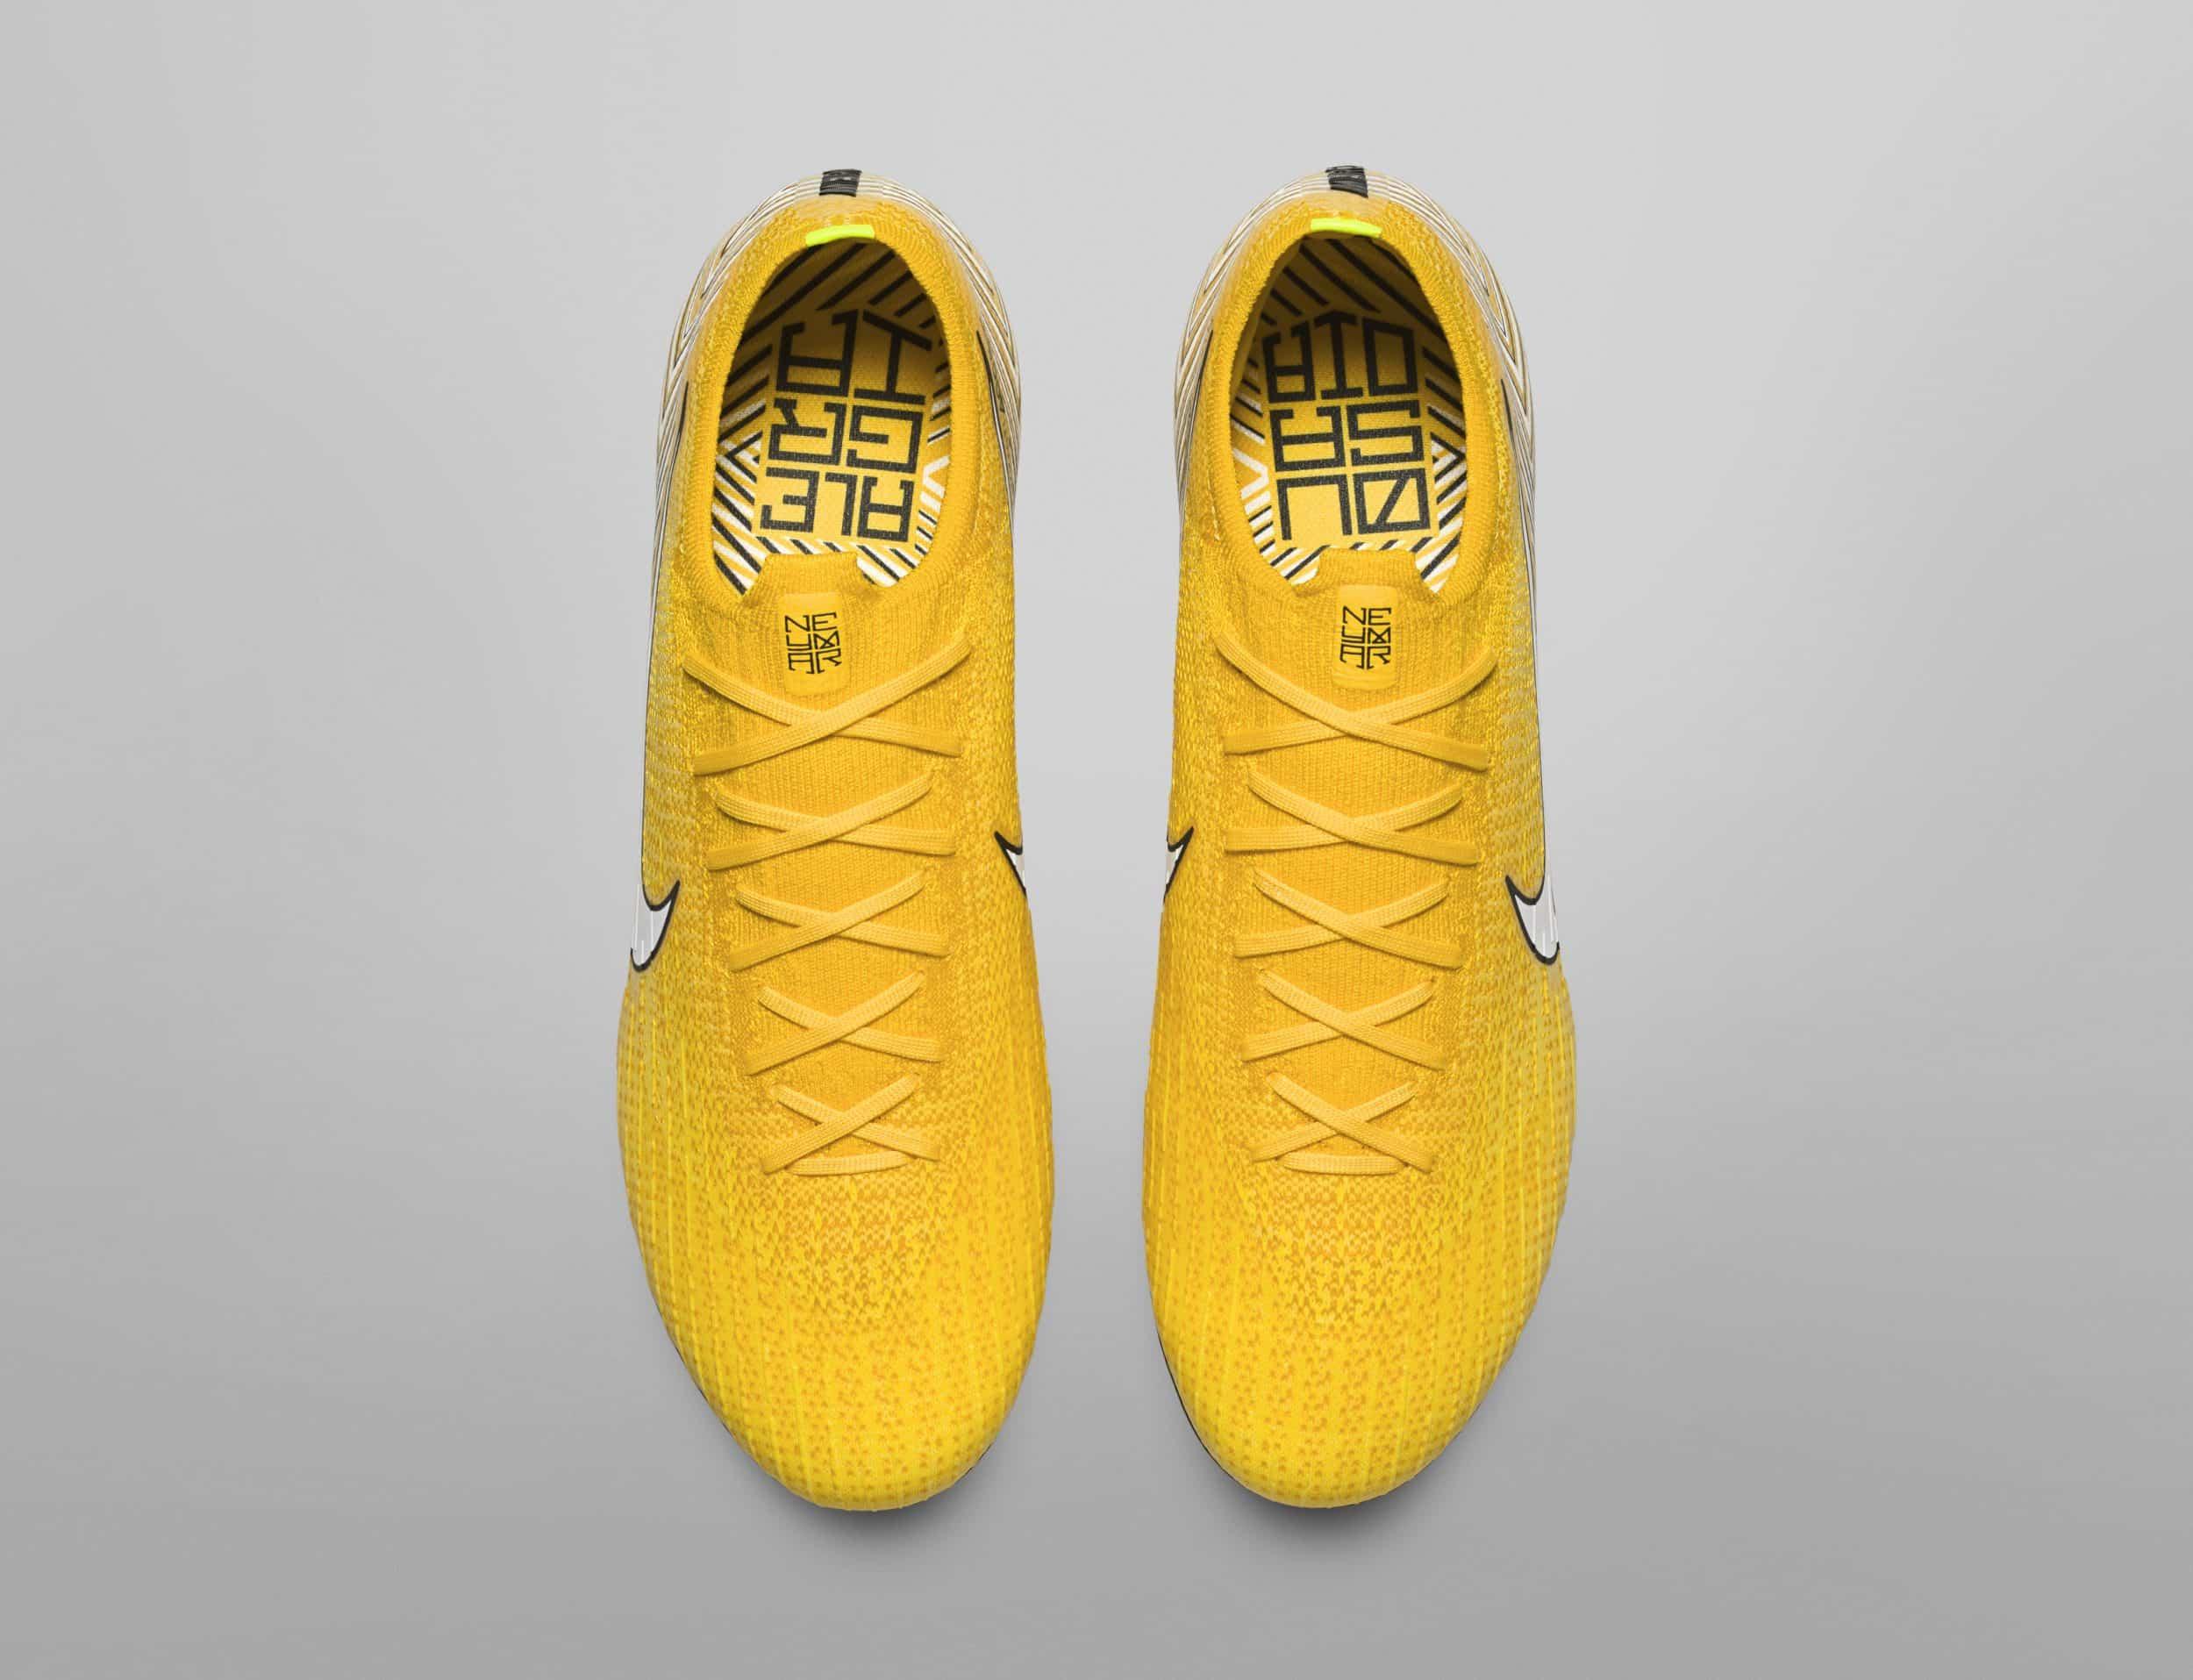 Chaussures-football-nike-mercurial-vapor-12-Neymar-Meu-Jogo-Coupe-Monde-2018-juillet-2018-12